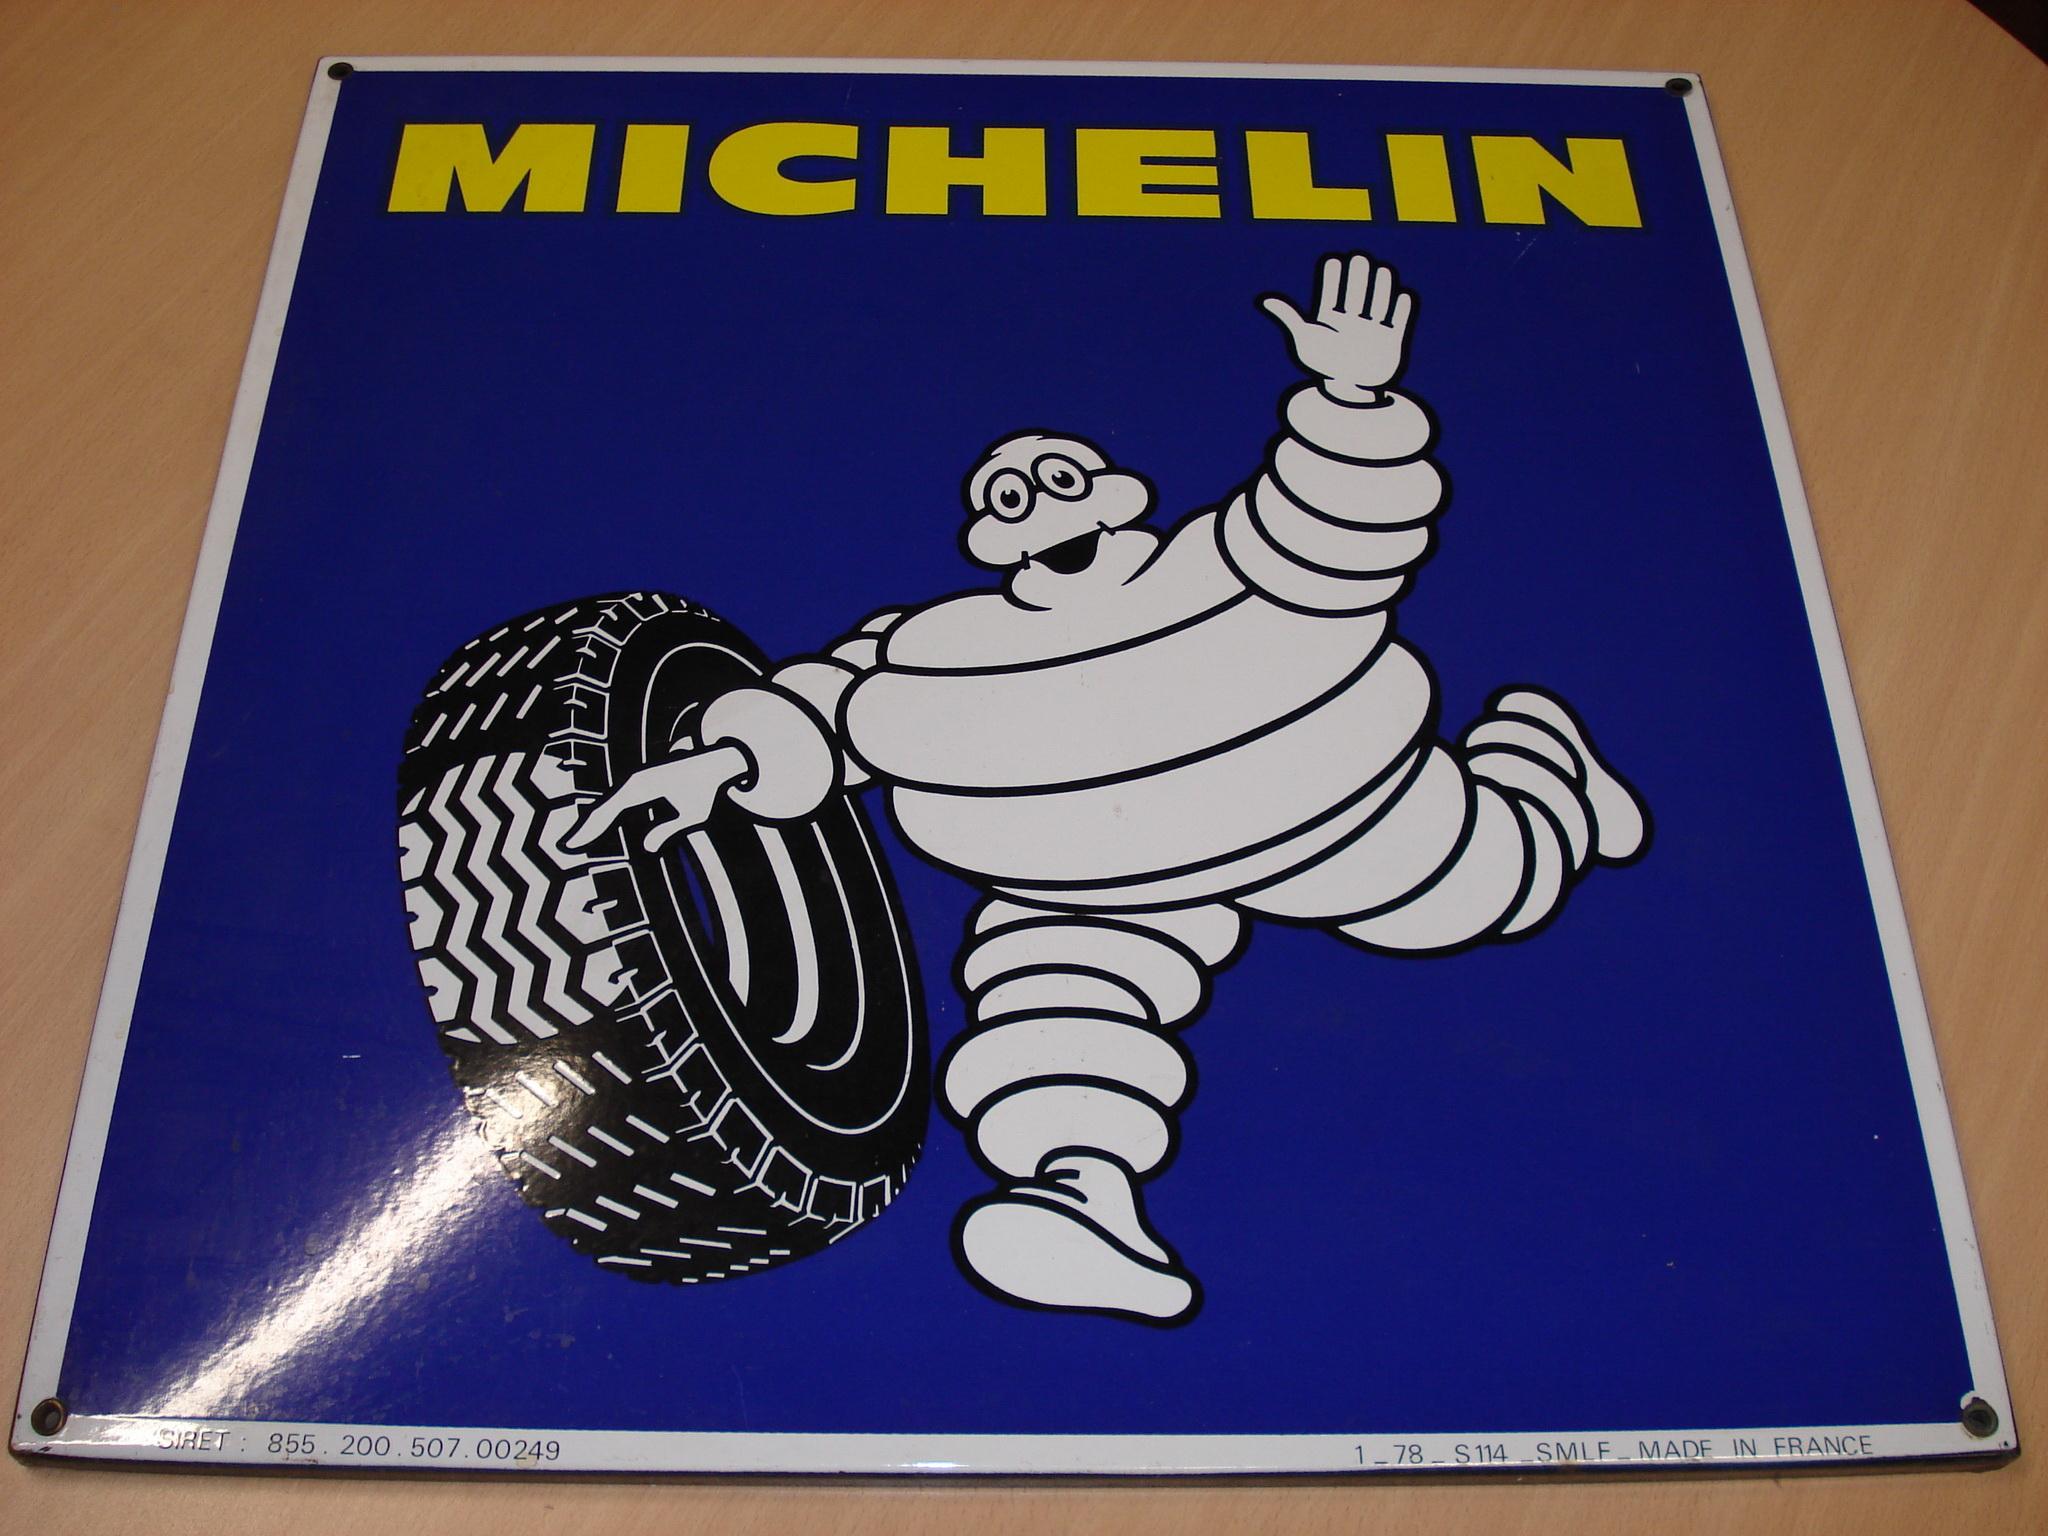 Cartel publicitario de MICHELIN